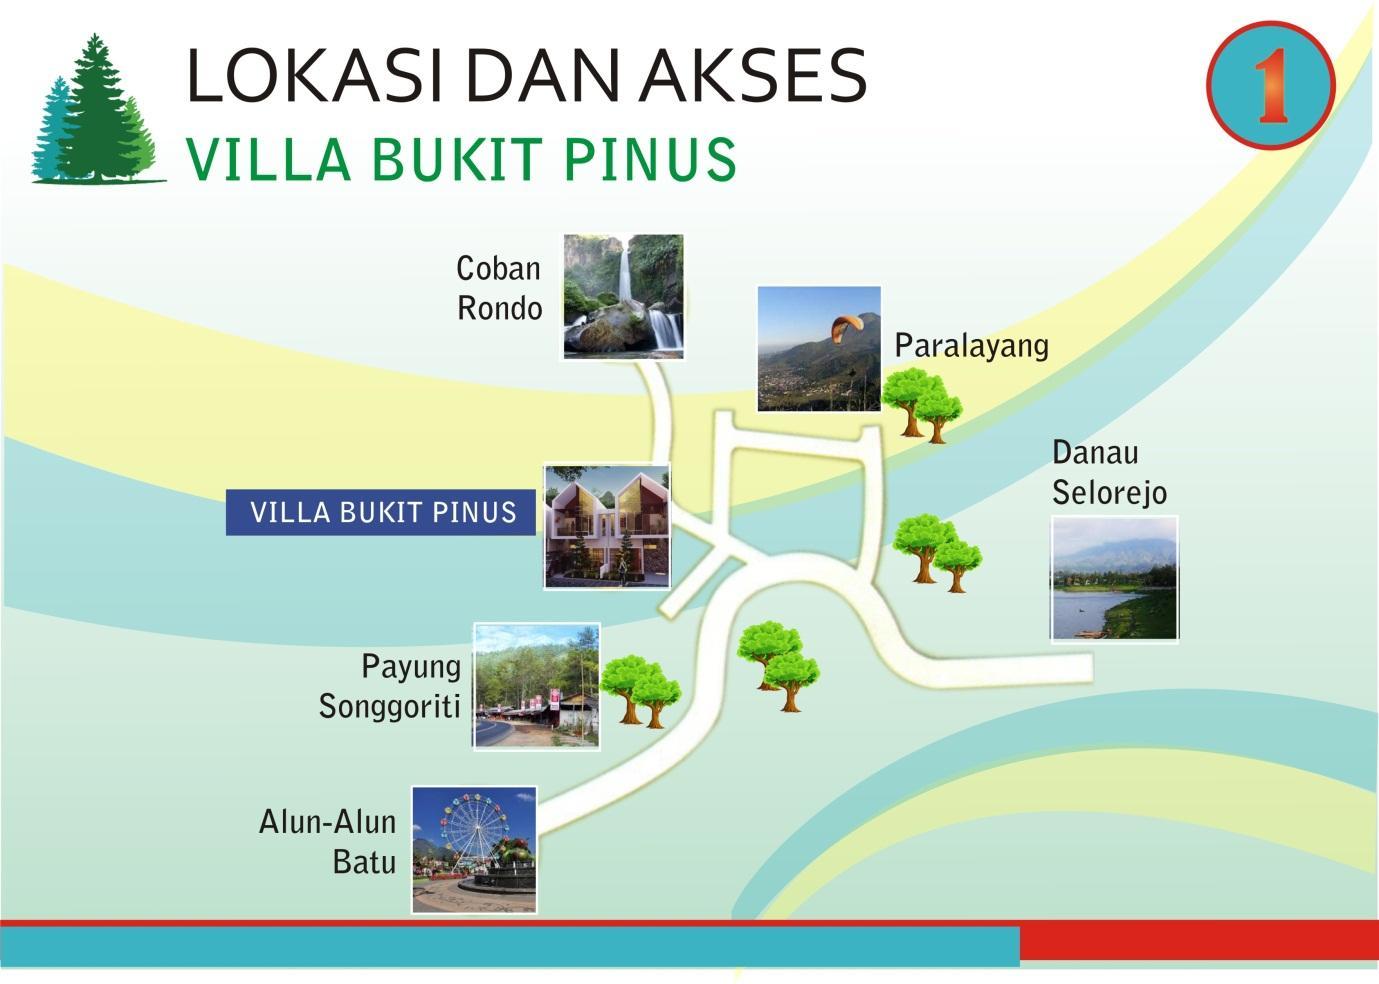 Lokasi dan Akses ke Villa Bukit Pinus